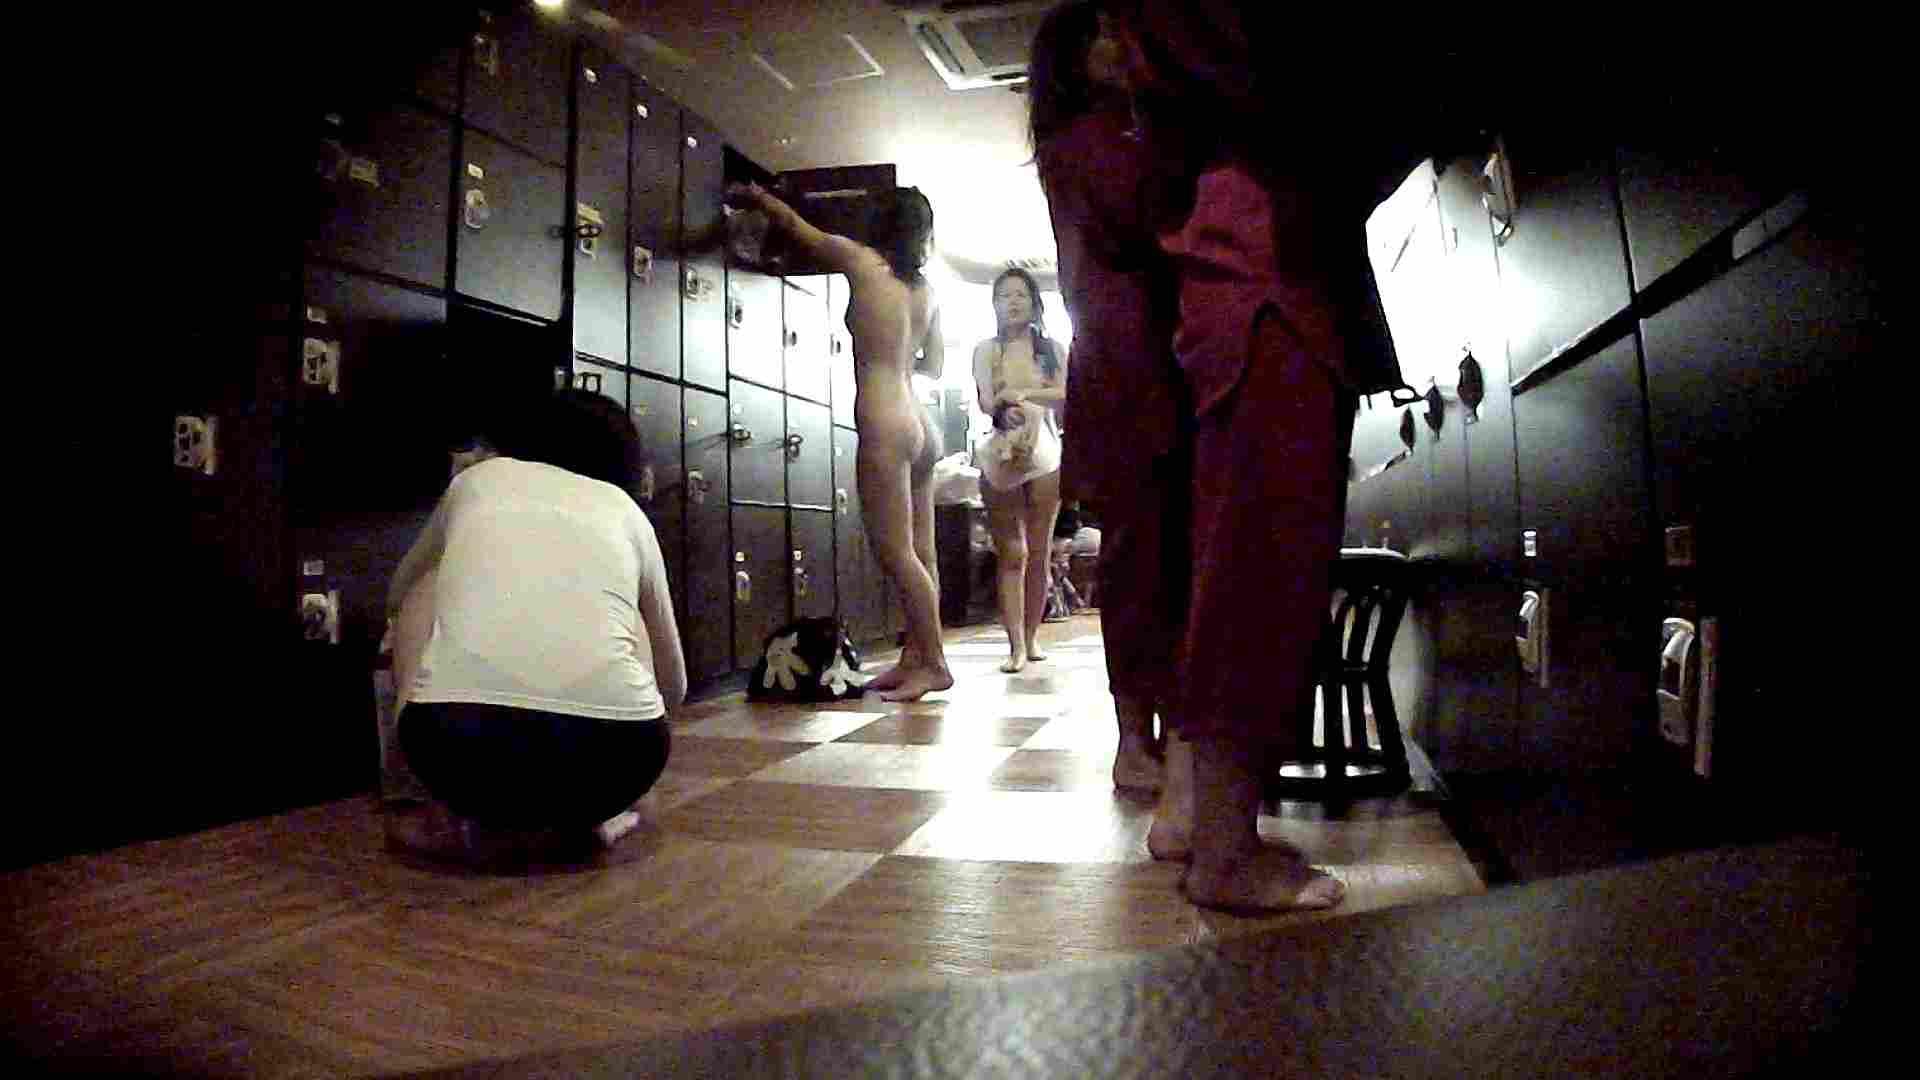 脱衣所!オムニバス 大混雑!注目はあの人の御御足でしょう。 女湯のぞき オマンコ無修正動画無料 109枚 26